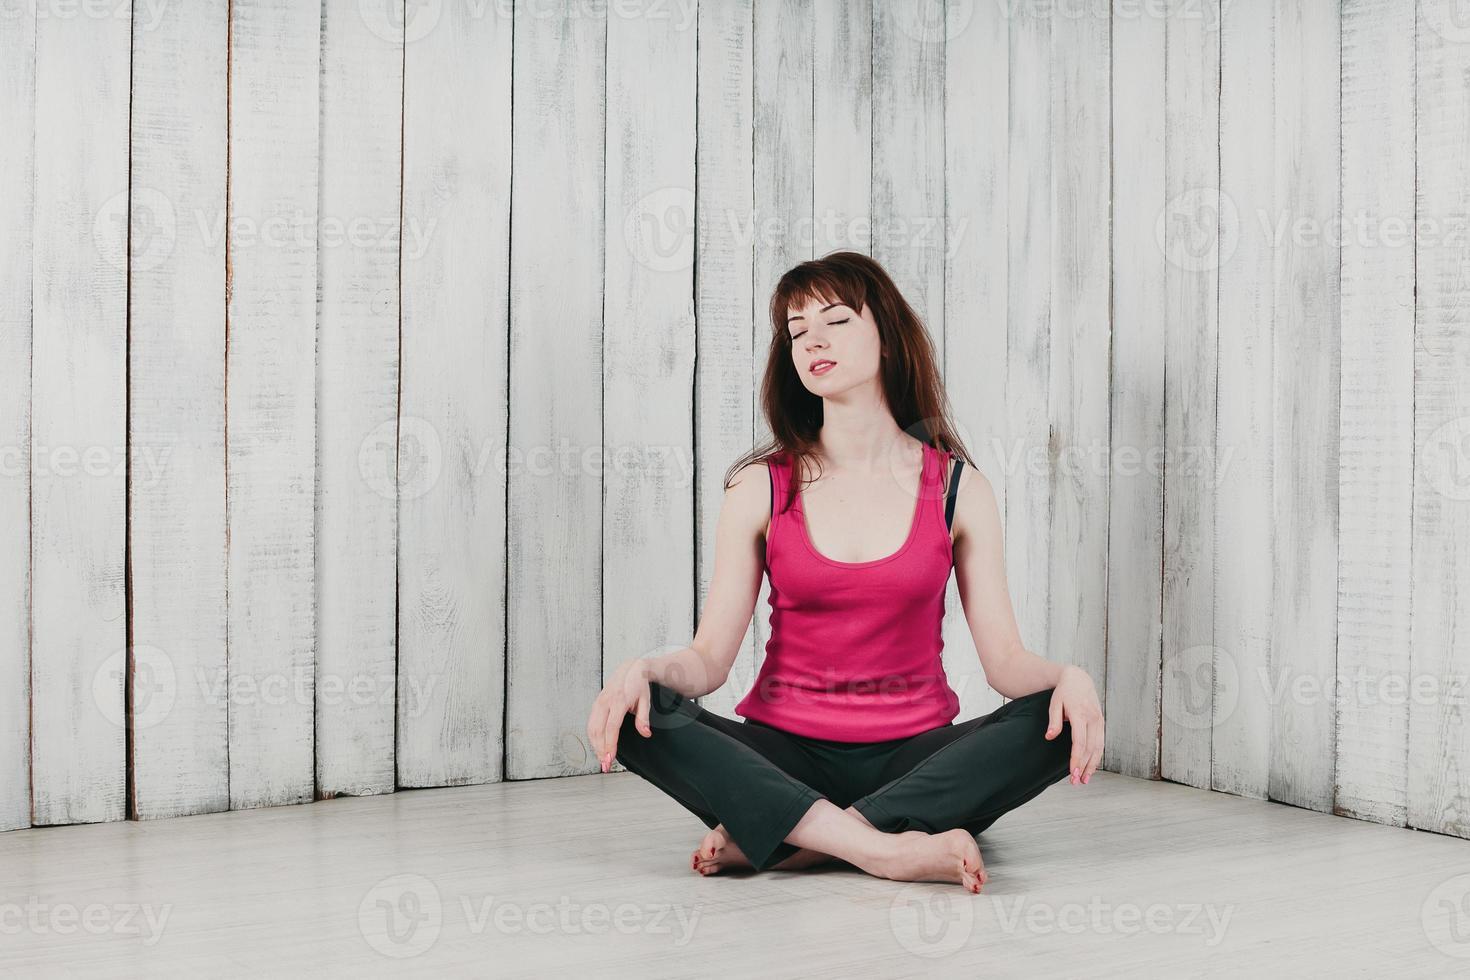 chica en top rosa, sentada con las piernas cruzadas en el suelo, sonriendo foto